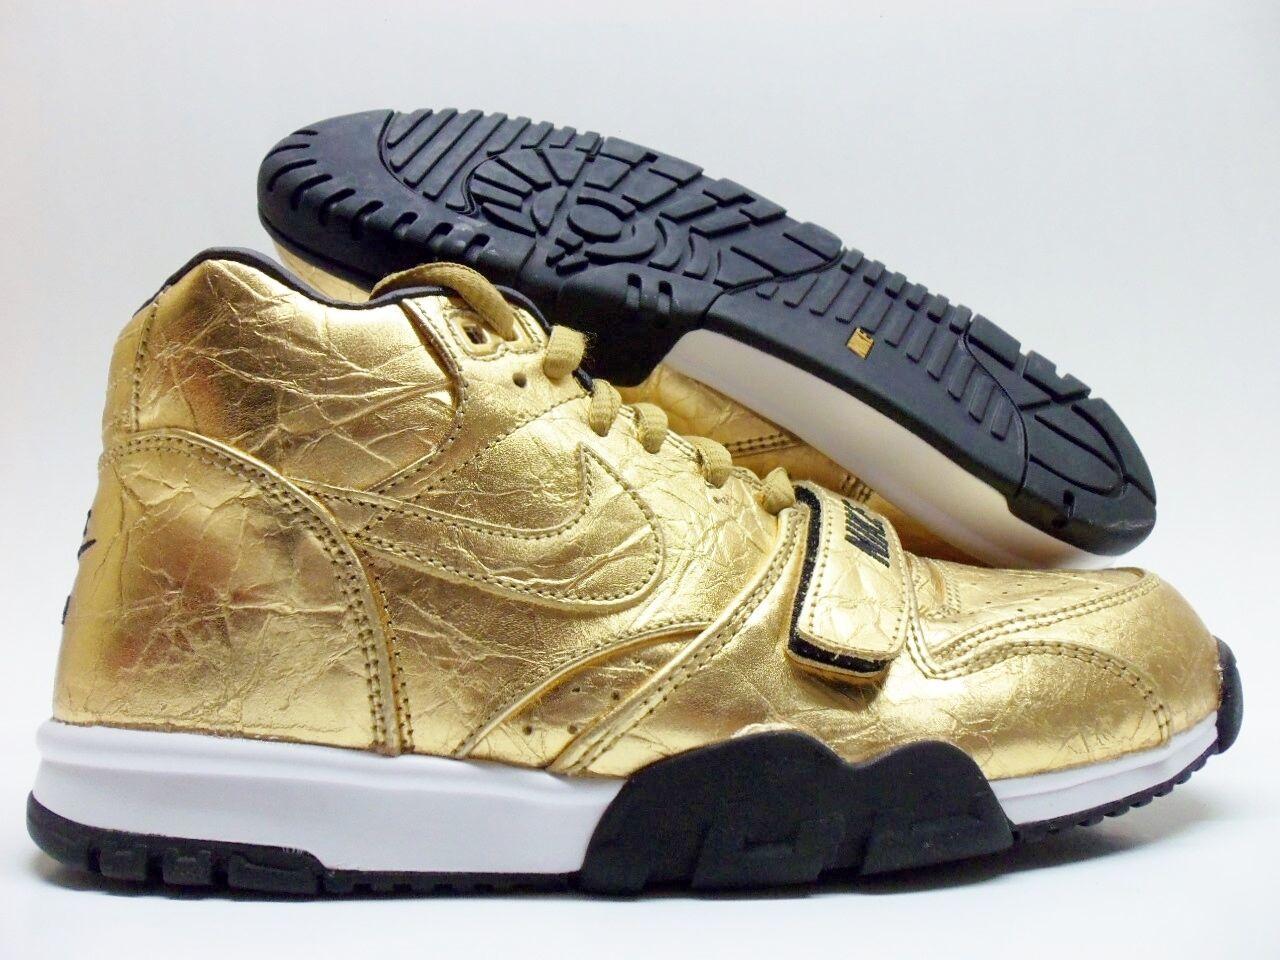 Nike air - 1 1 1 sonodiventate qs (nfl) super bowl 50 oro dimensioni uomini [840169-700] 5124ee